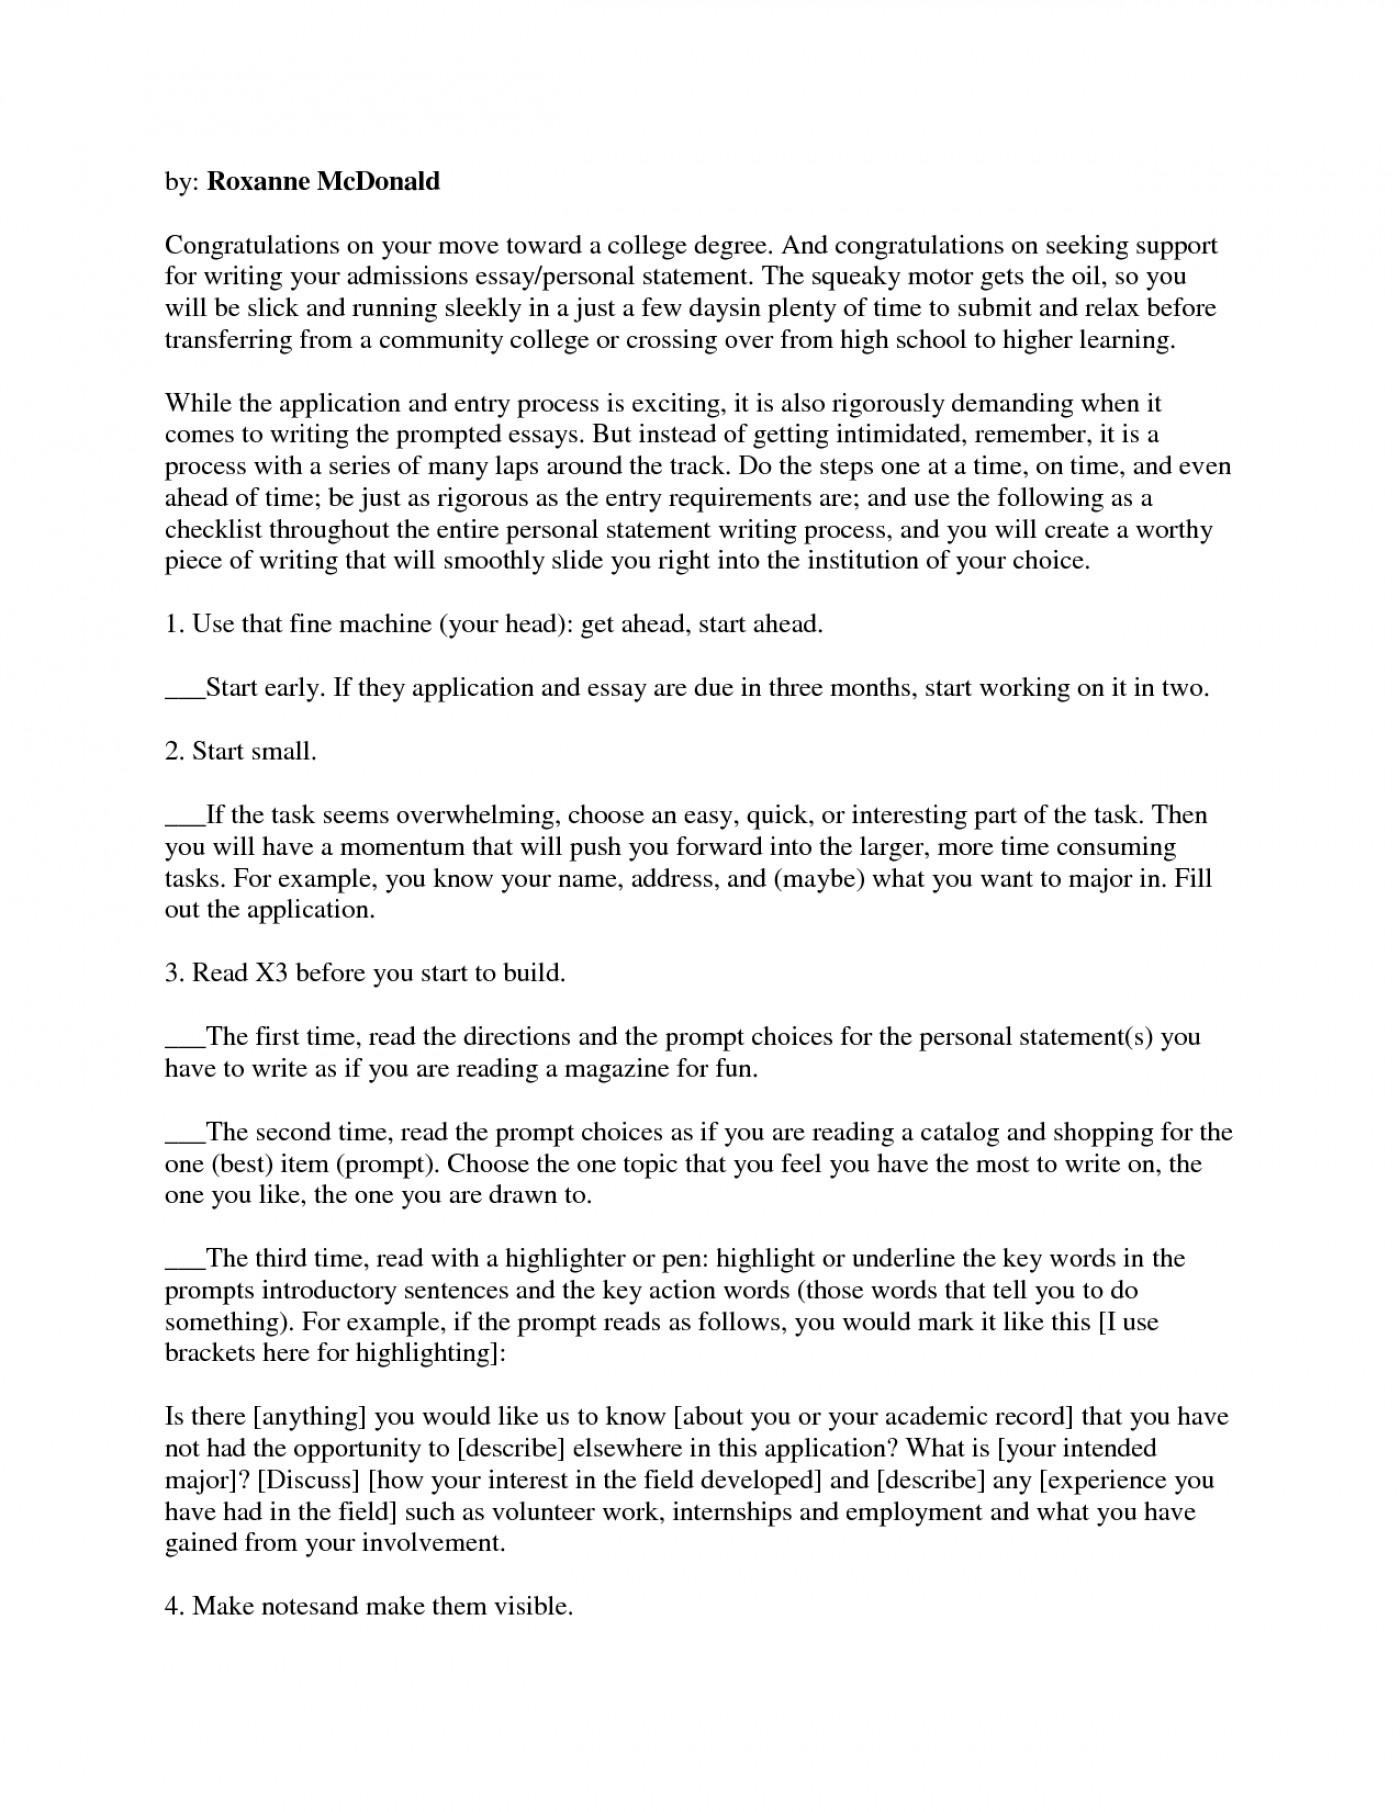 Sample rogerian essay